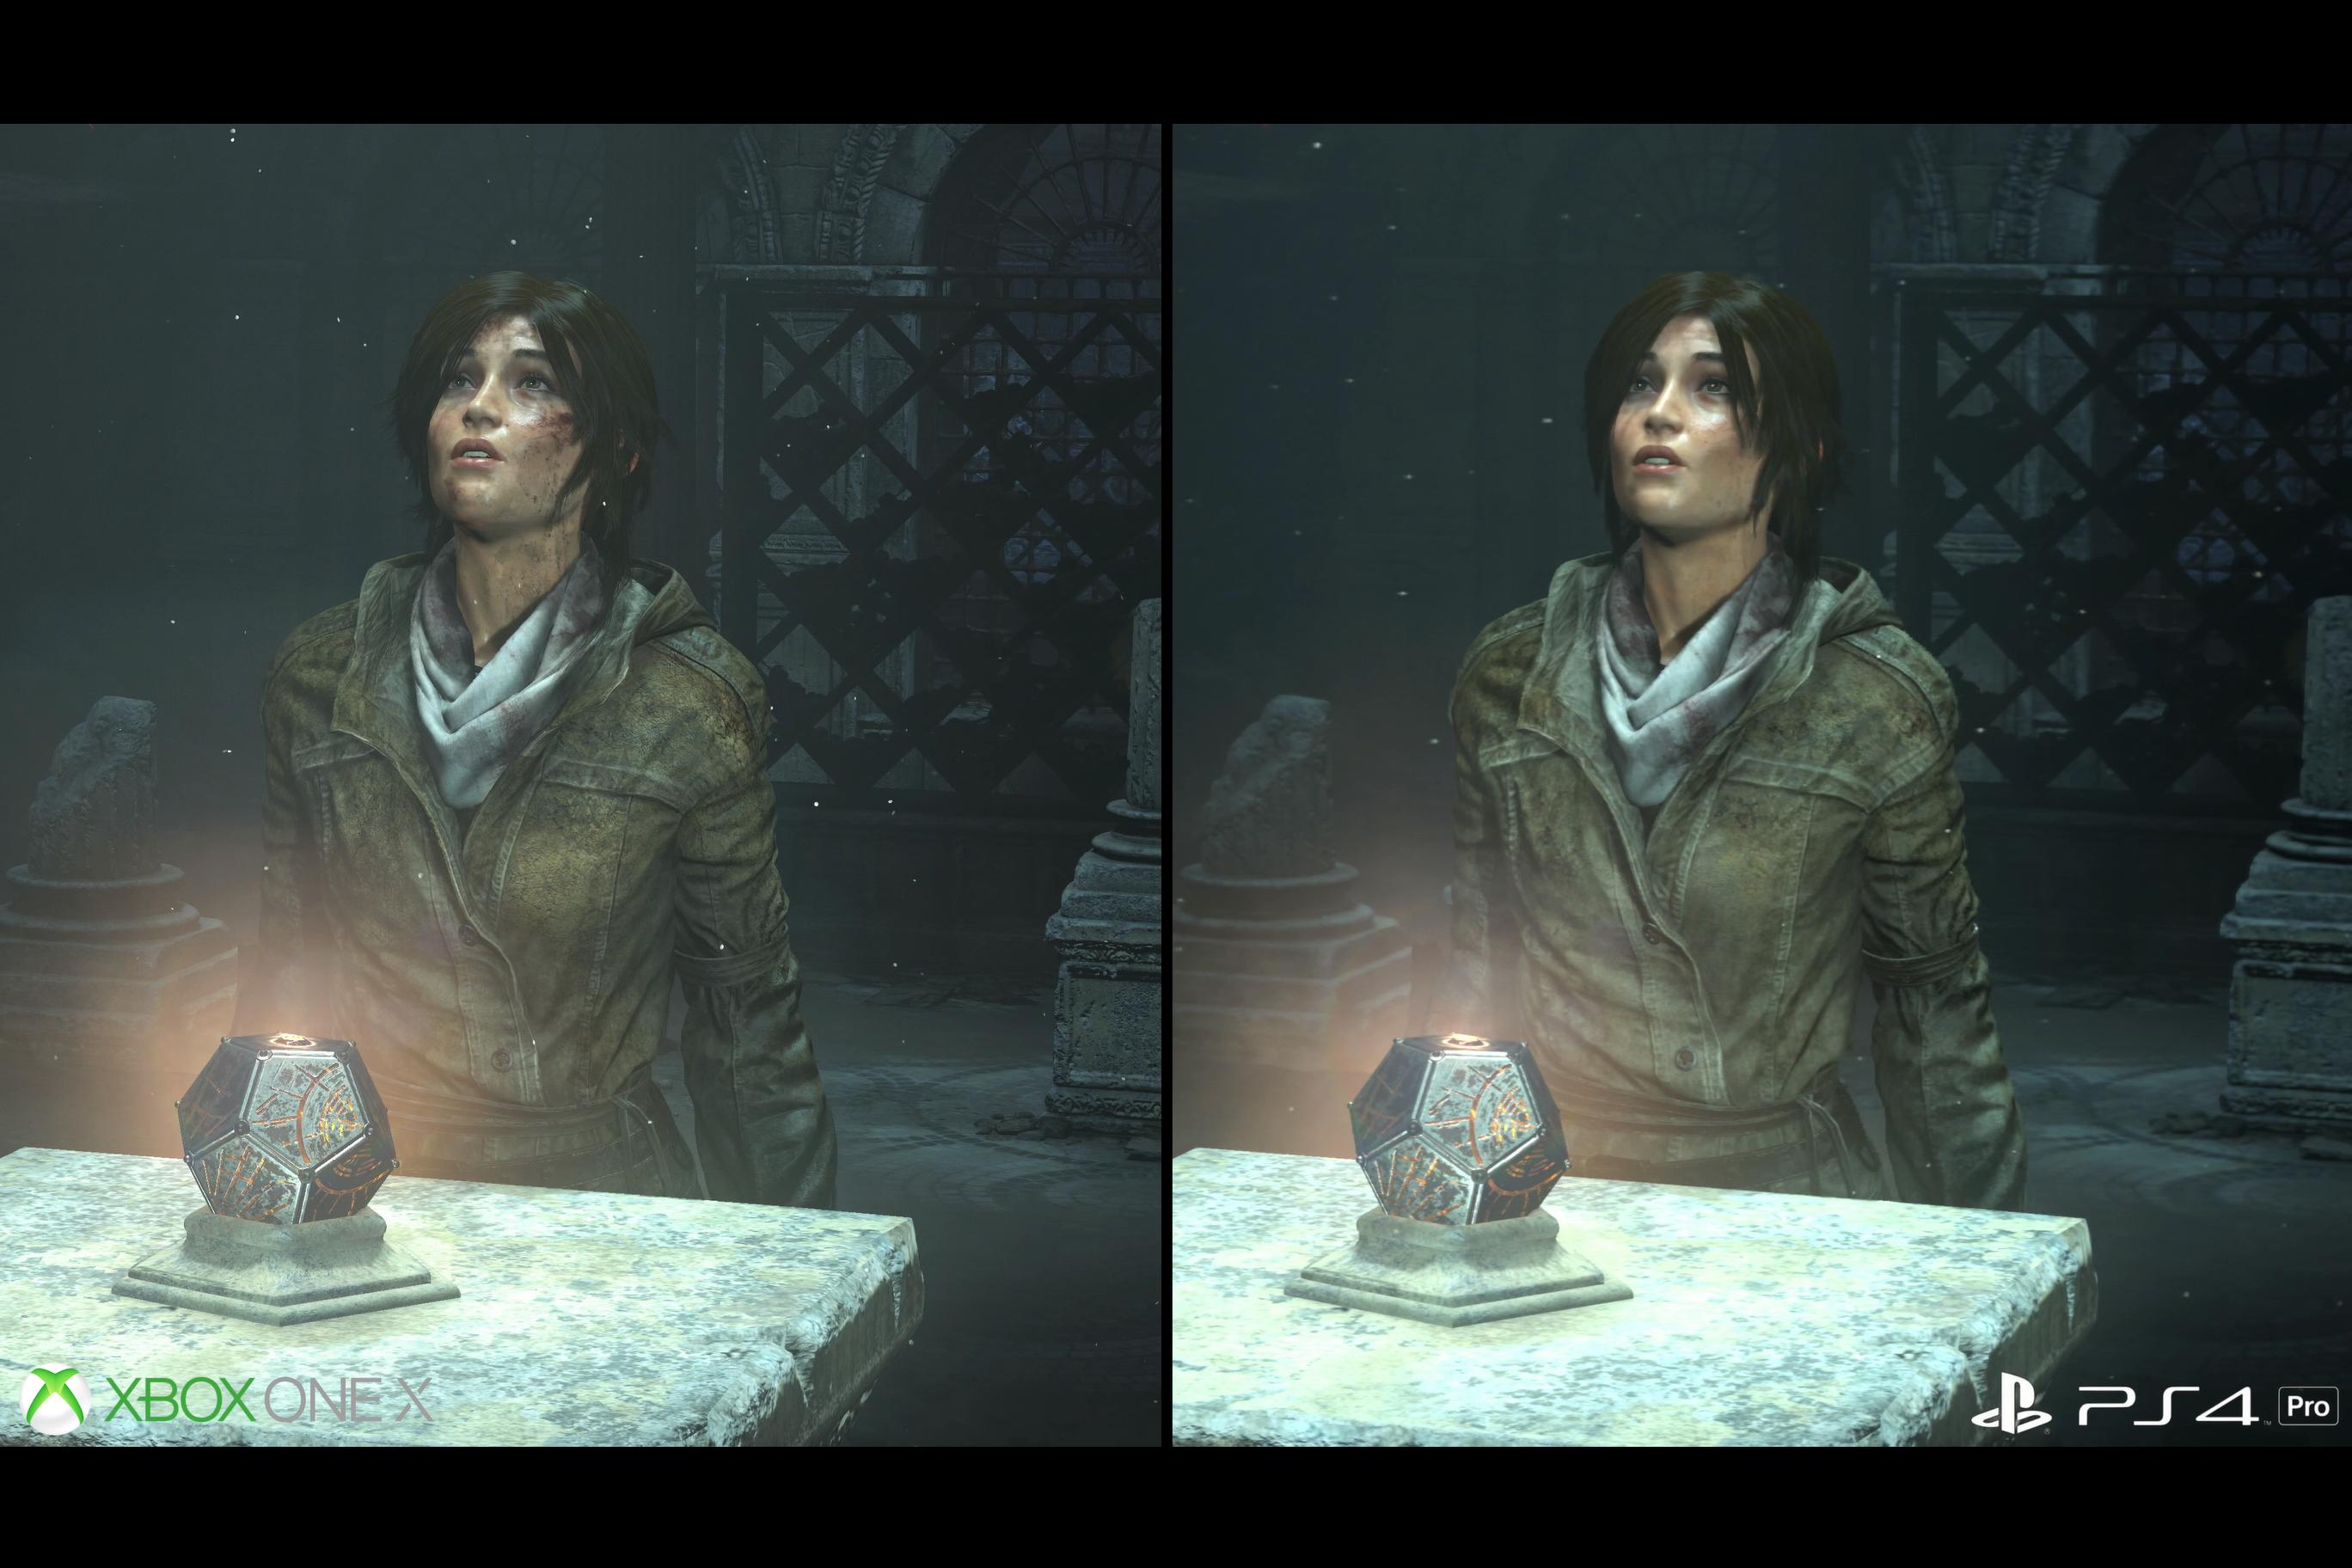 18mA5ZyCgugjo - XboxOneXとPS4proの比較映像が公開、PS4が完全に劣化ハードに